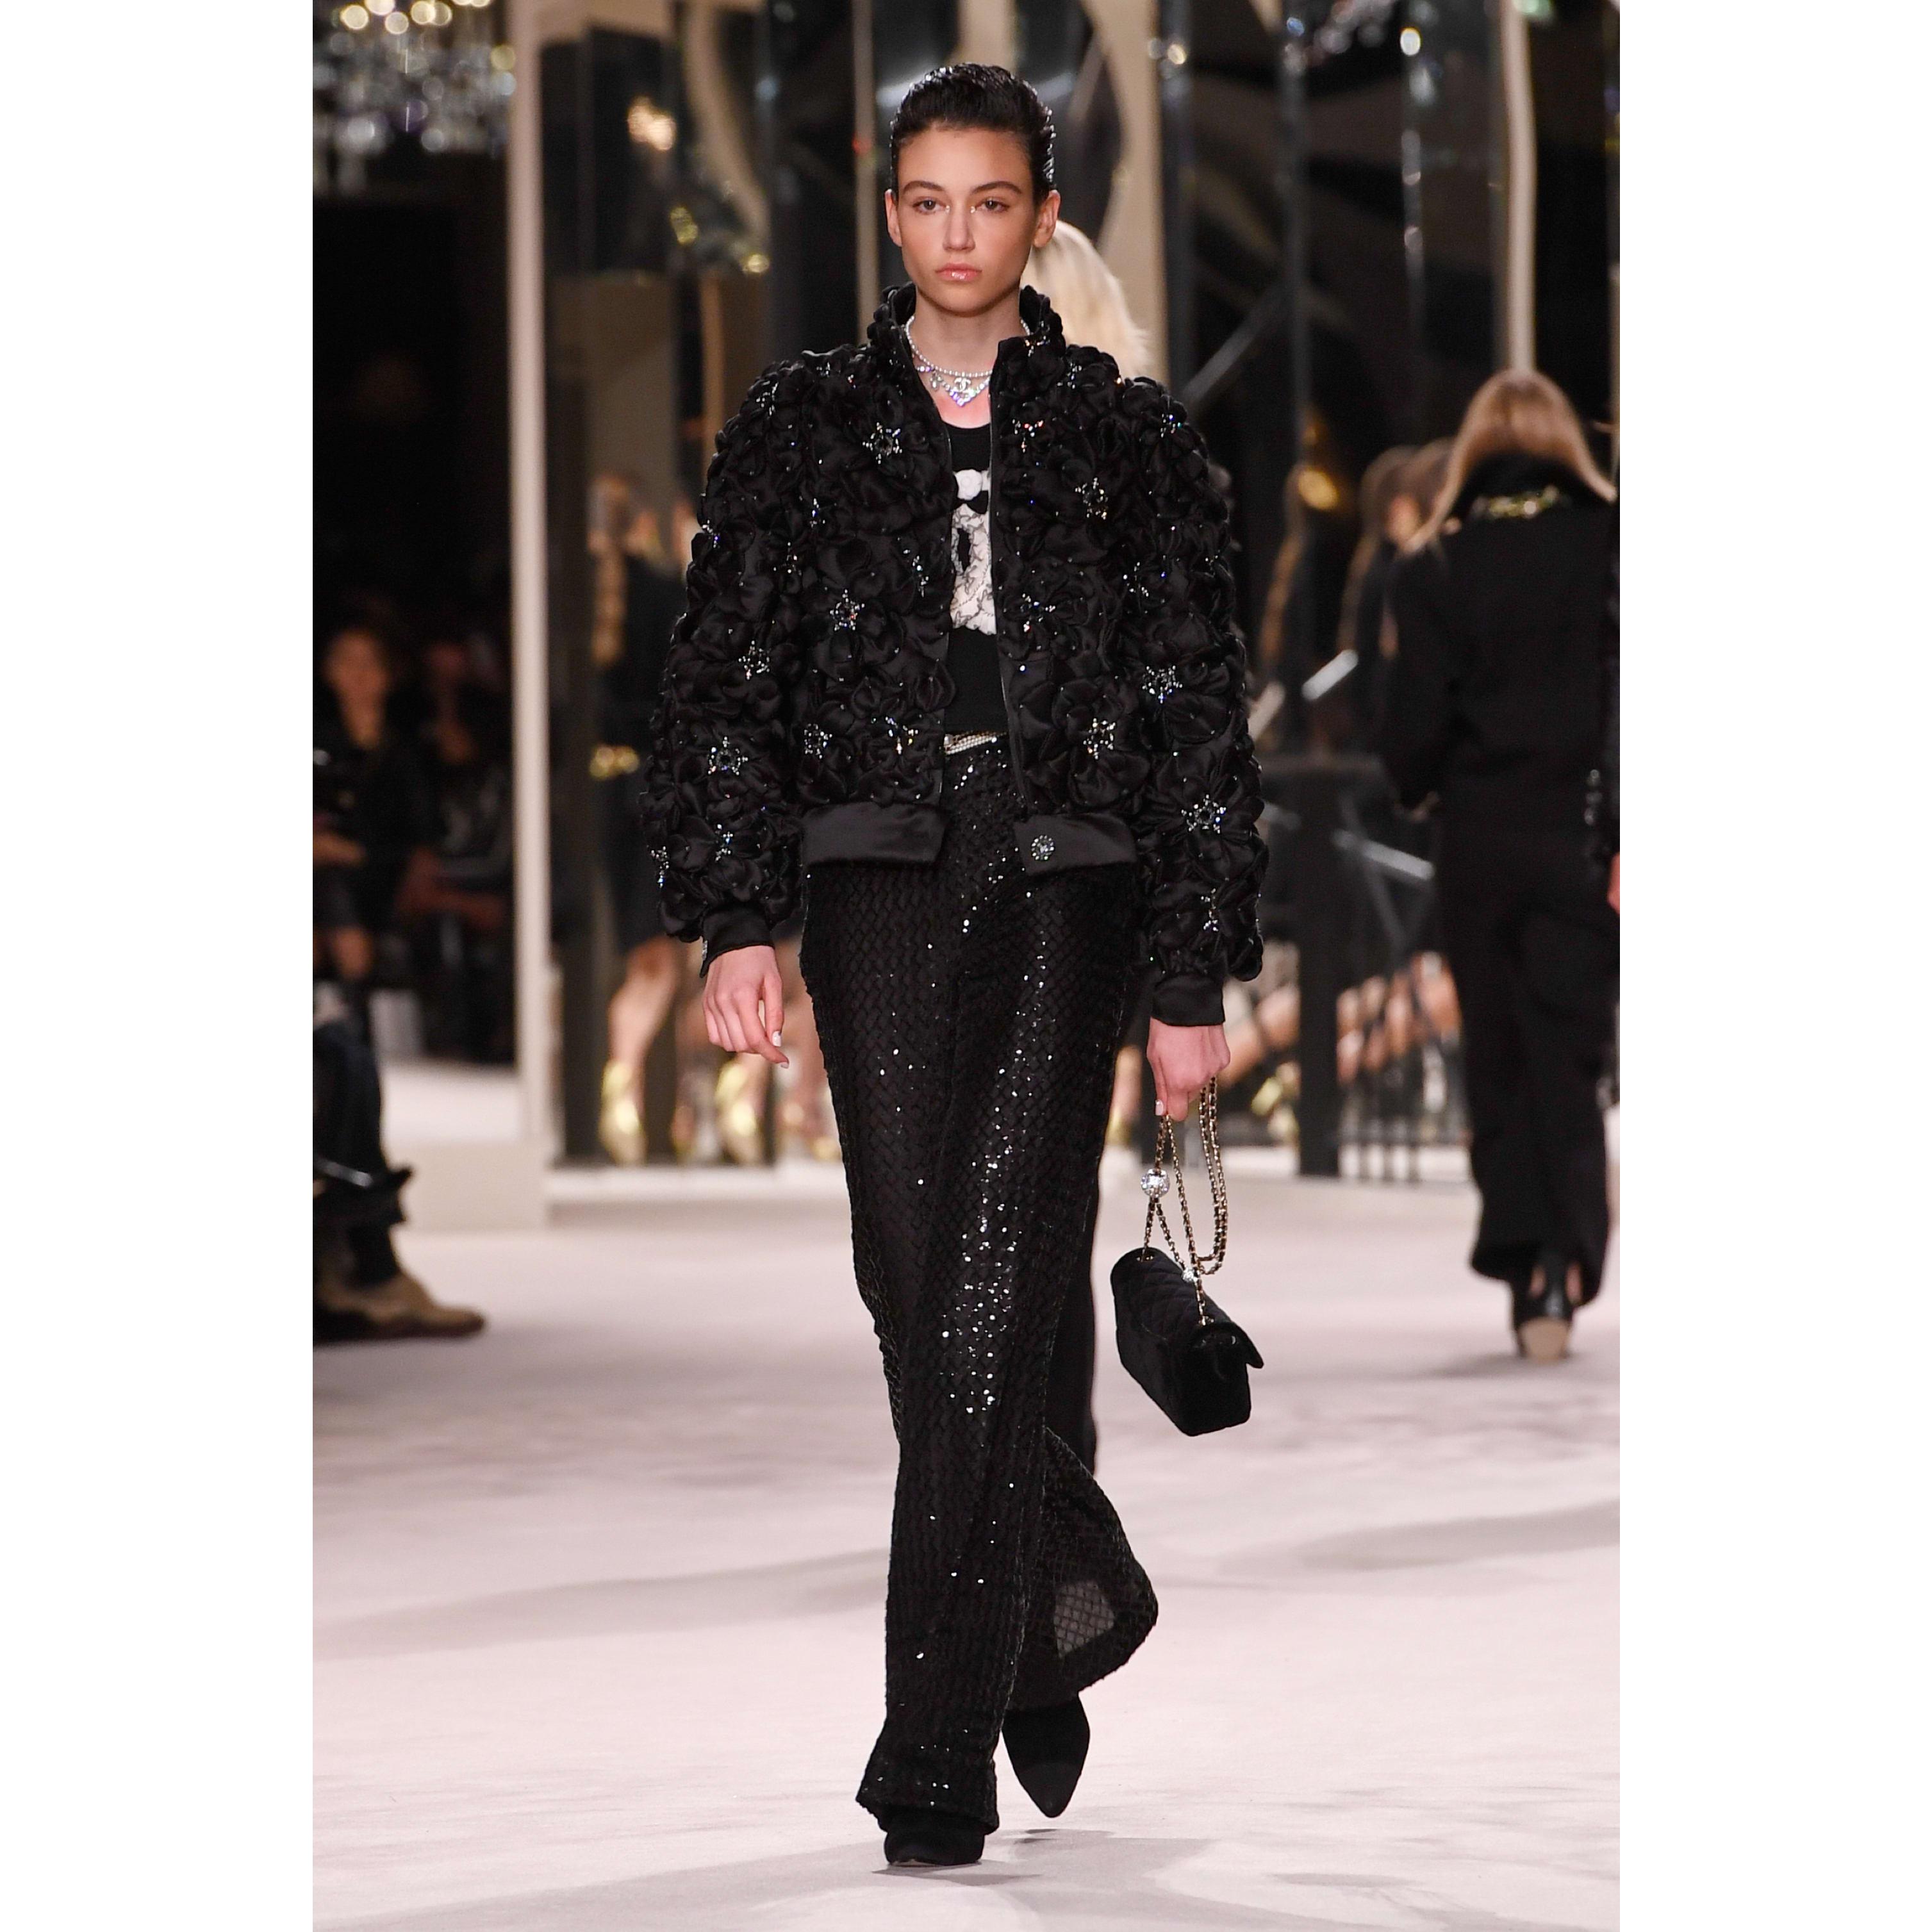 เสื้อ - สีดำ - ผ้าวูล - CHANEL - มุมมองปัจจุบัน - ดูเวอร์ชันขนาดมาตรฐาน